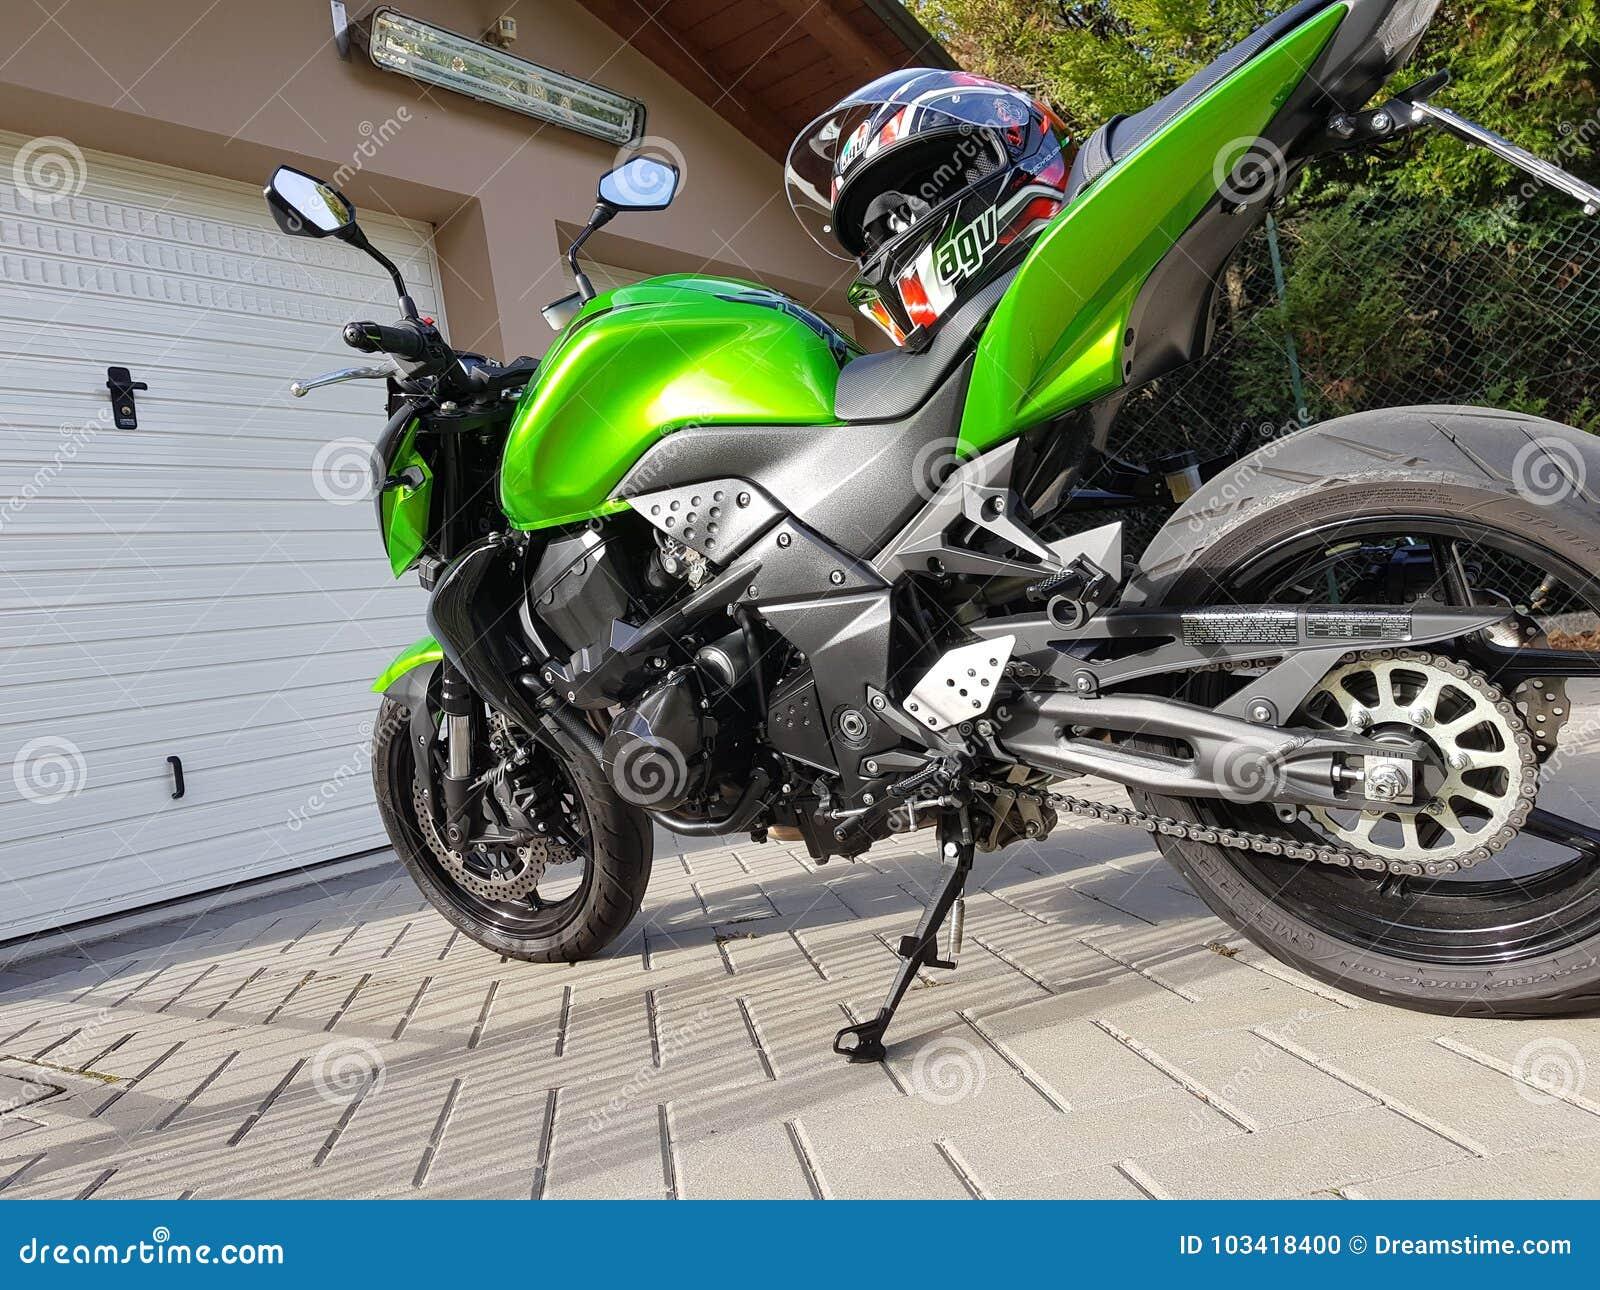 Kawasaki z750x